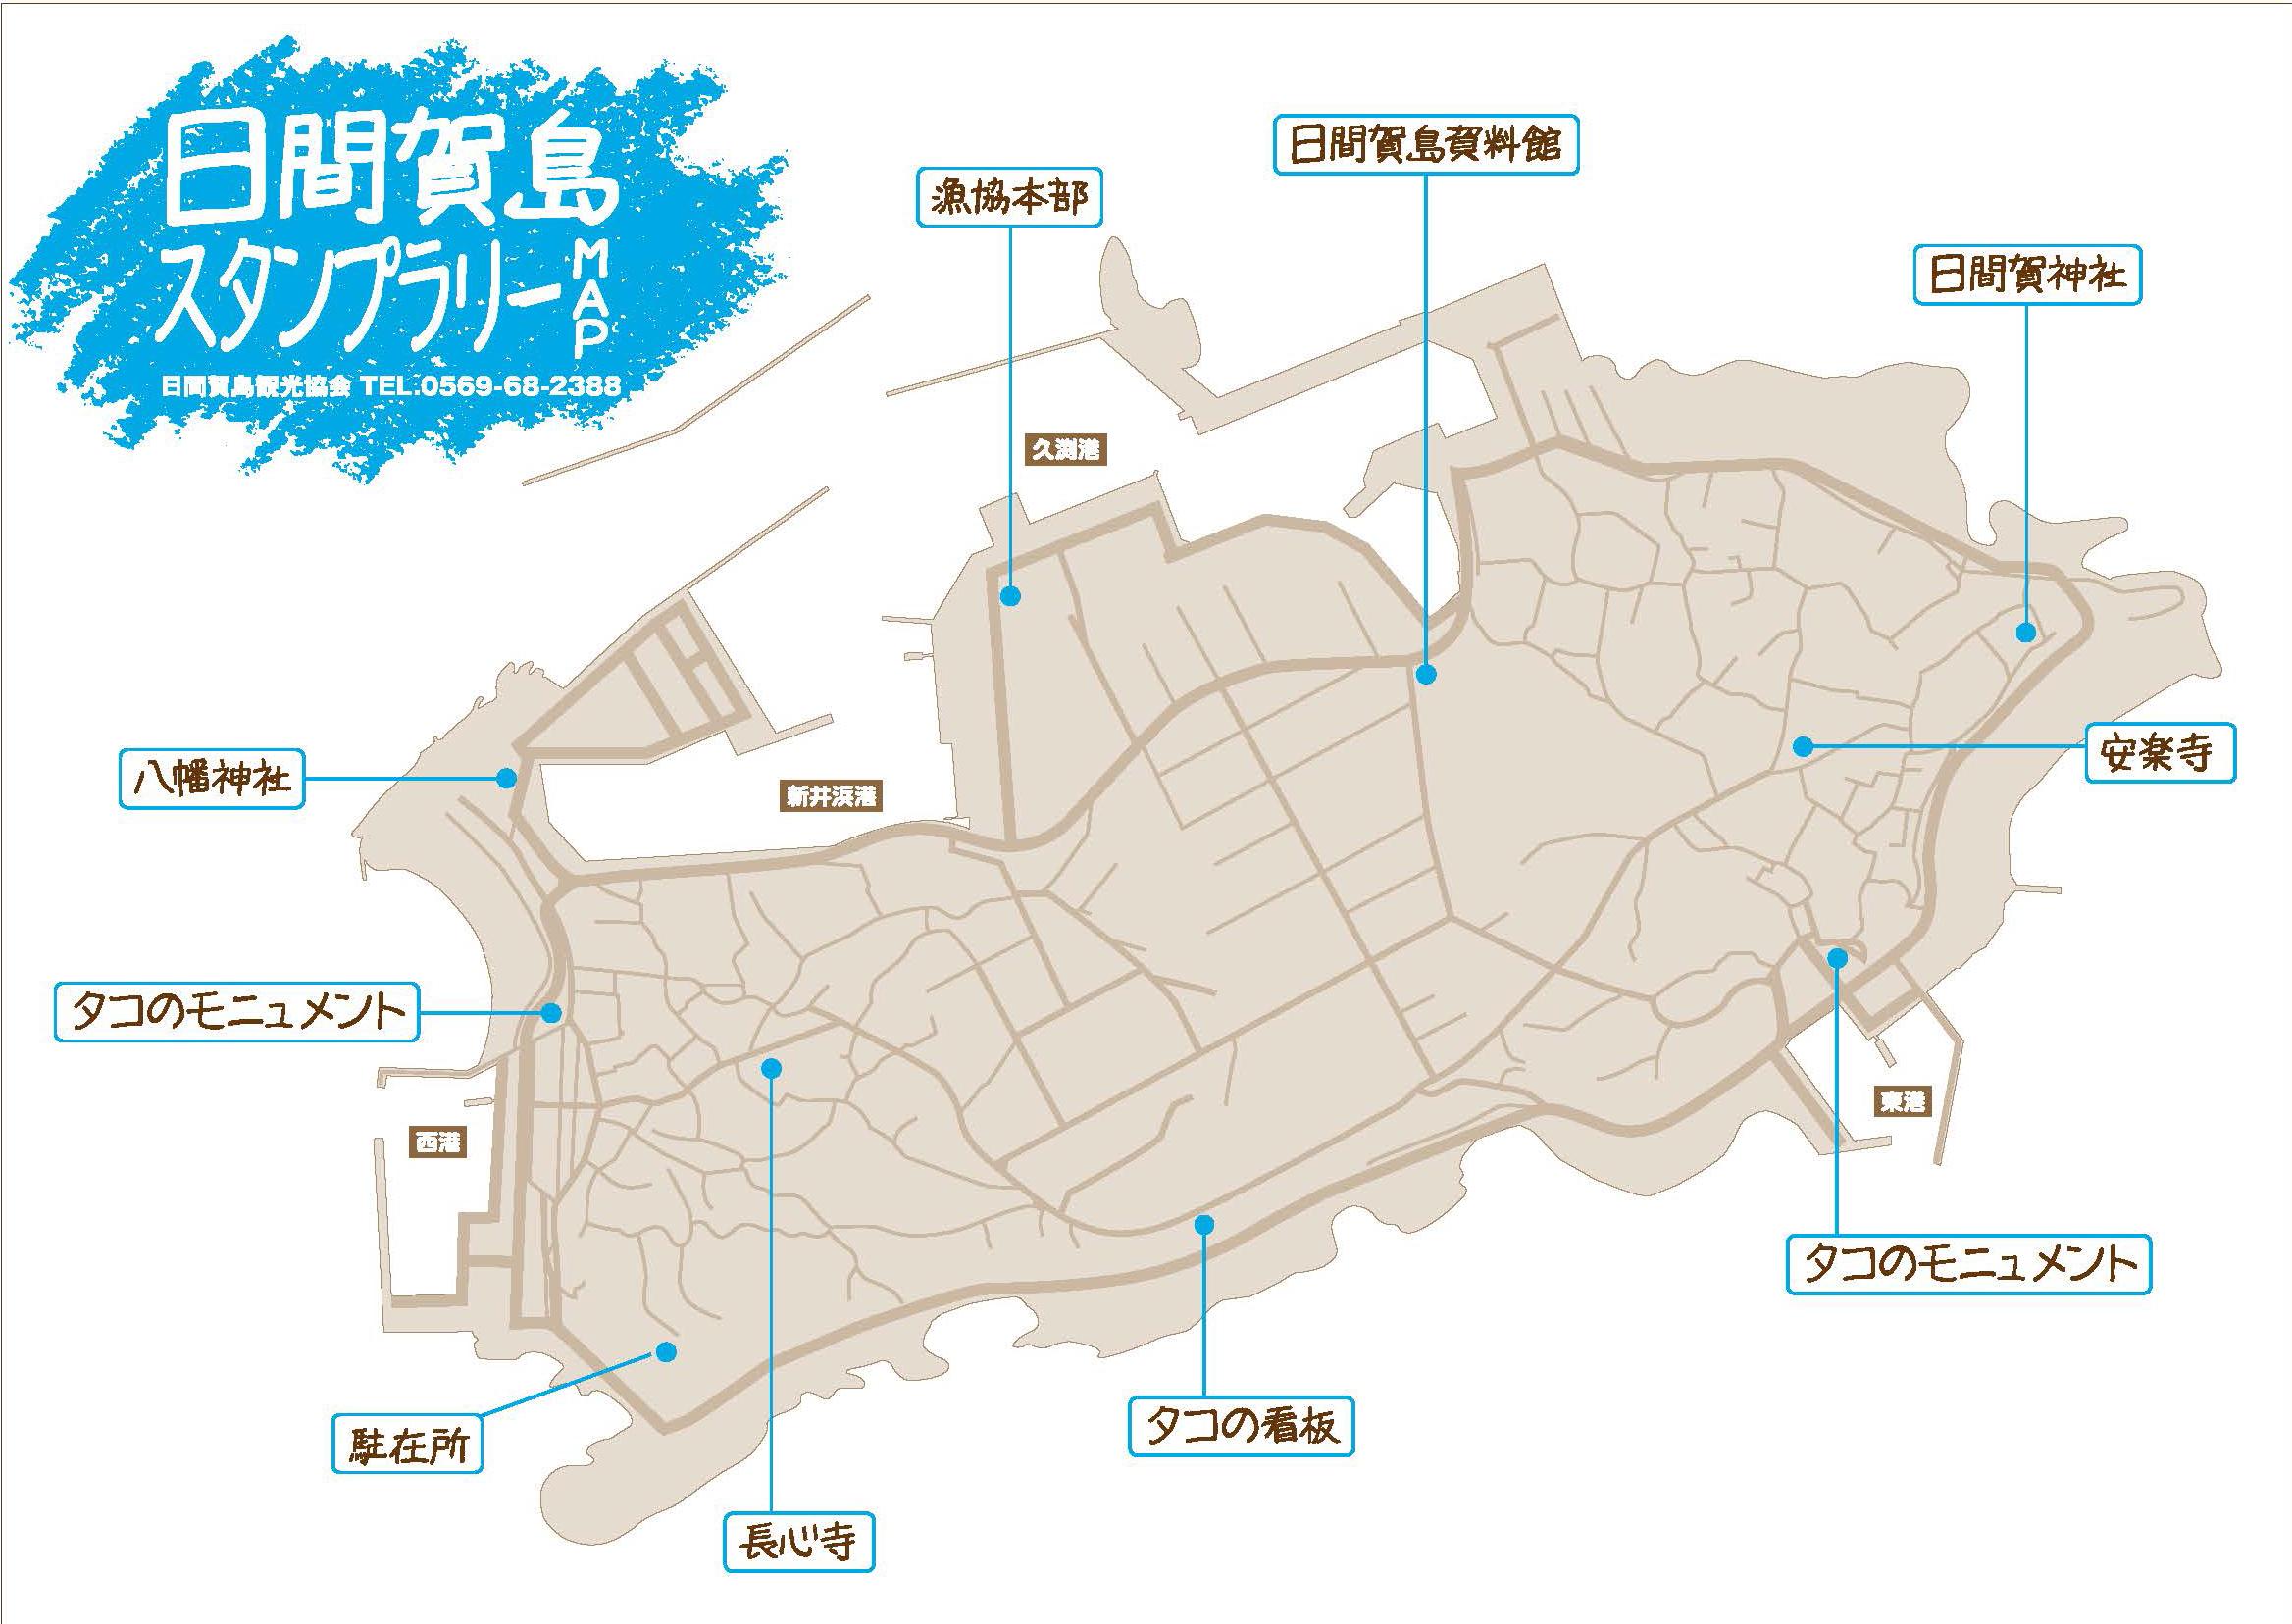 日間賀島スタンプラリーマップ